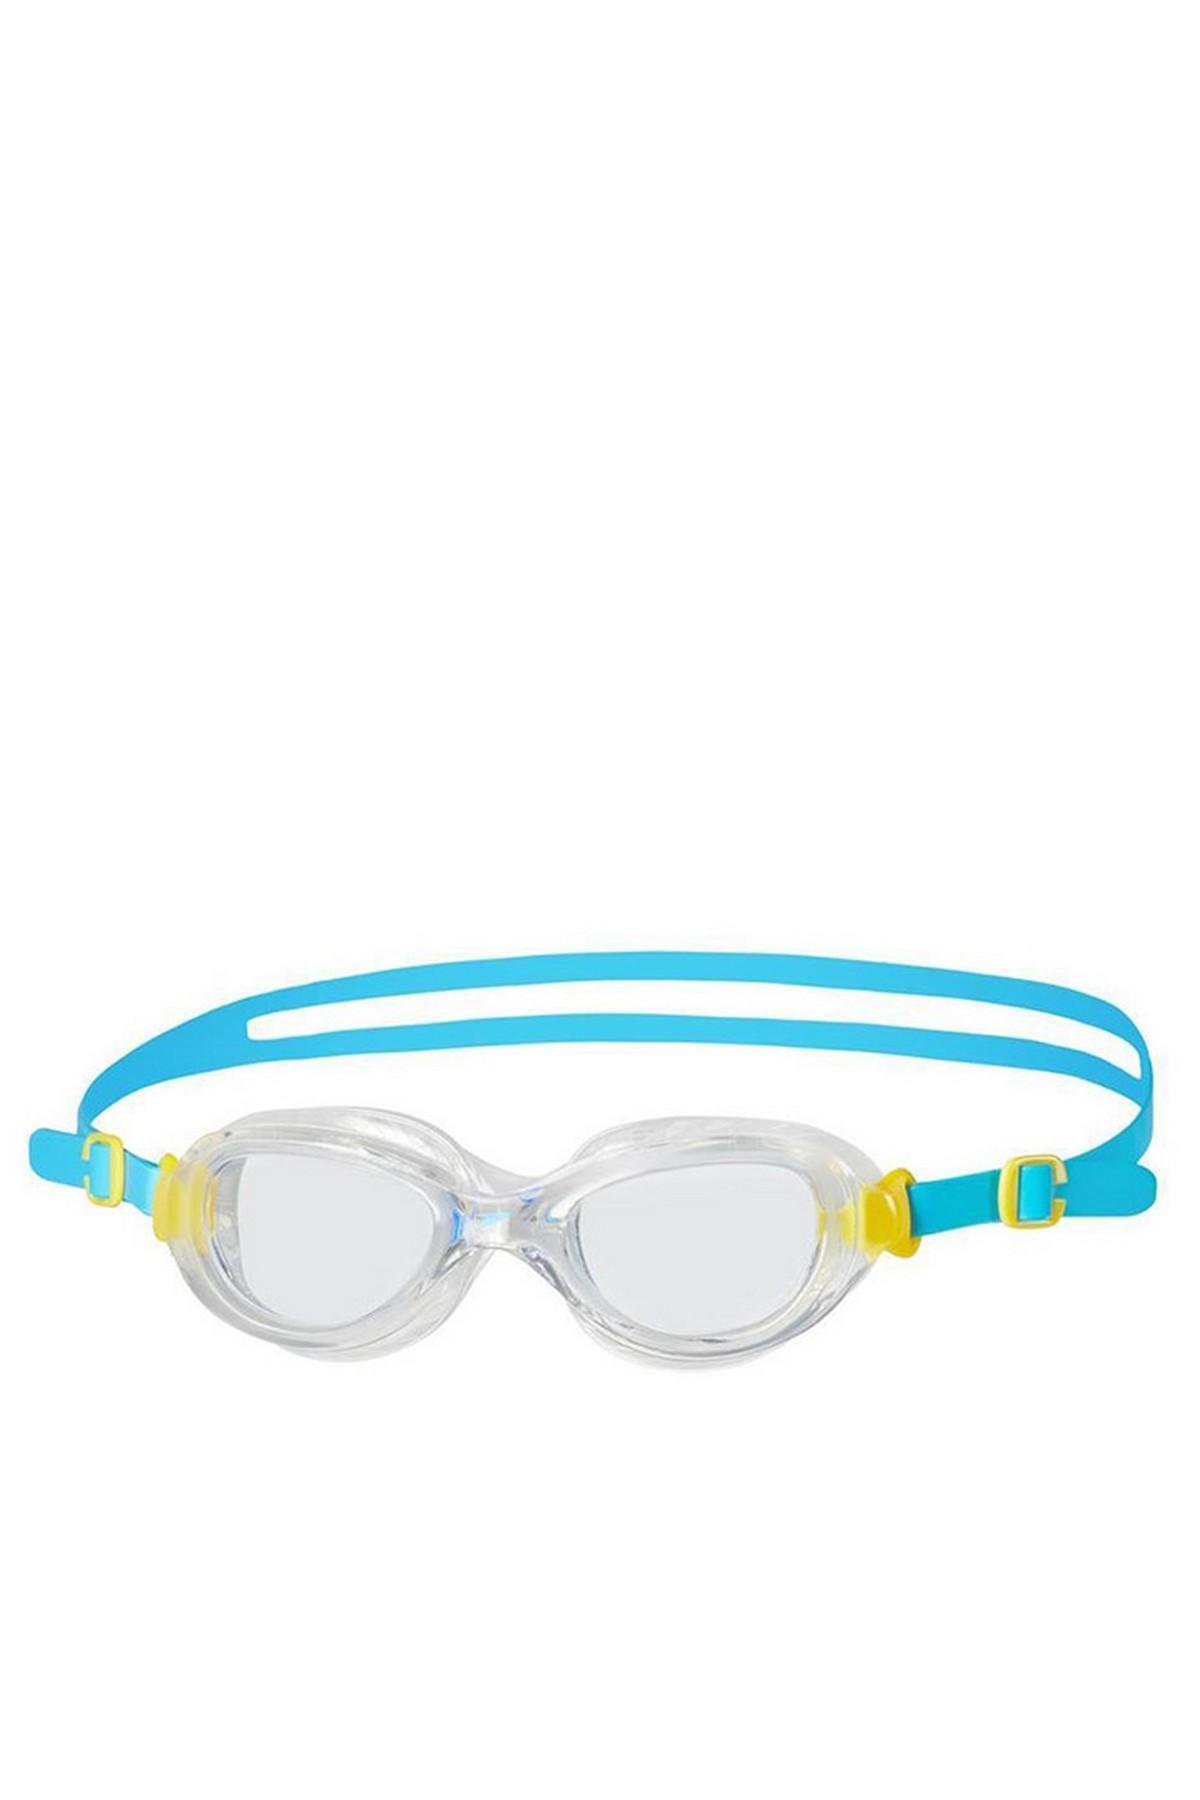 Speedo Futura Classic Junior Yüzücü Gözlüğü Mavi-Beyaz (8-10900B570)